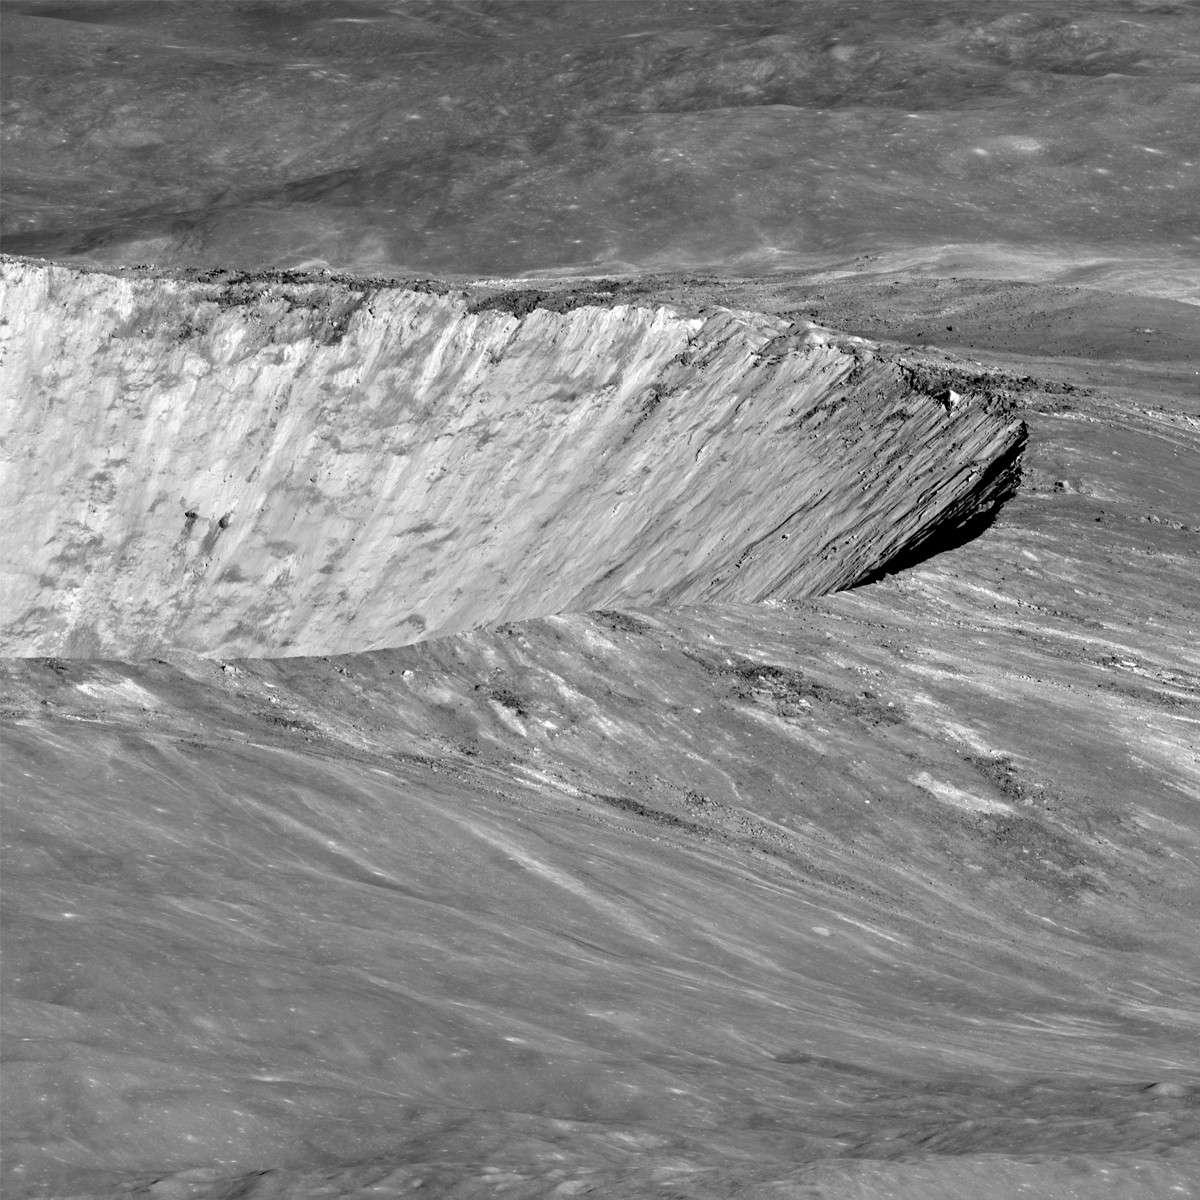 Pour dater précisément le cratère lunaire Giordano Bruno, il faudra prélever sur ses pentes des morceaux de roche fondue. © Nasa, GSFC, Arizona State University